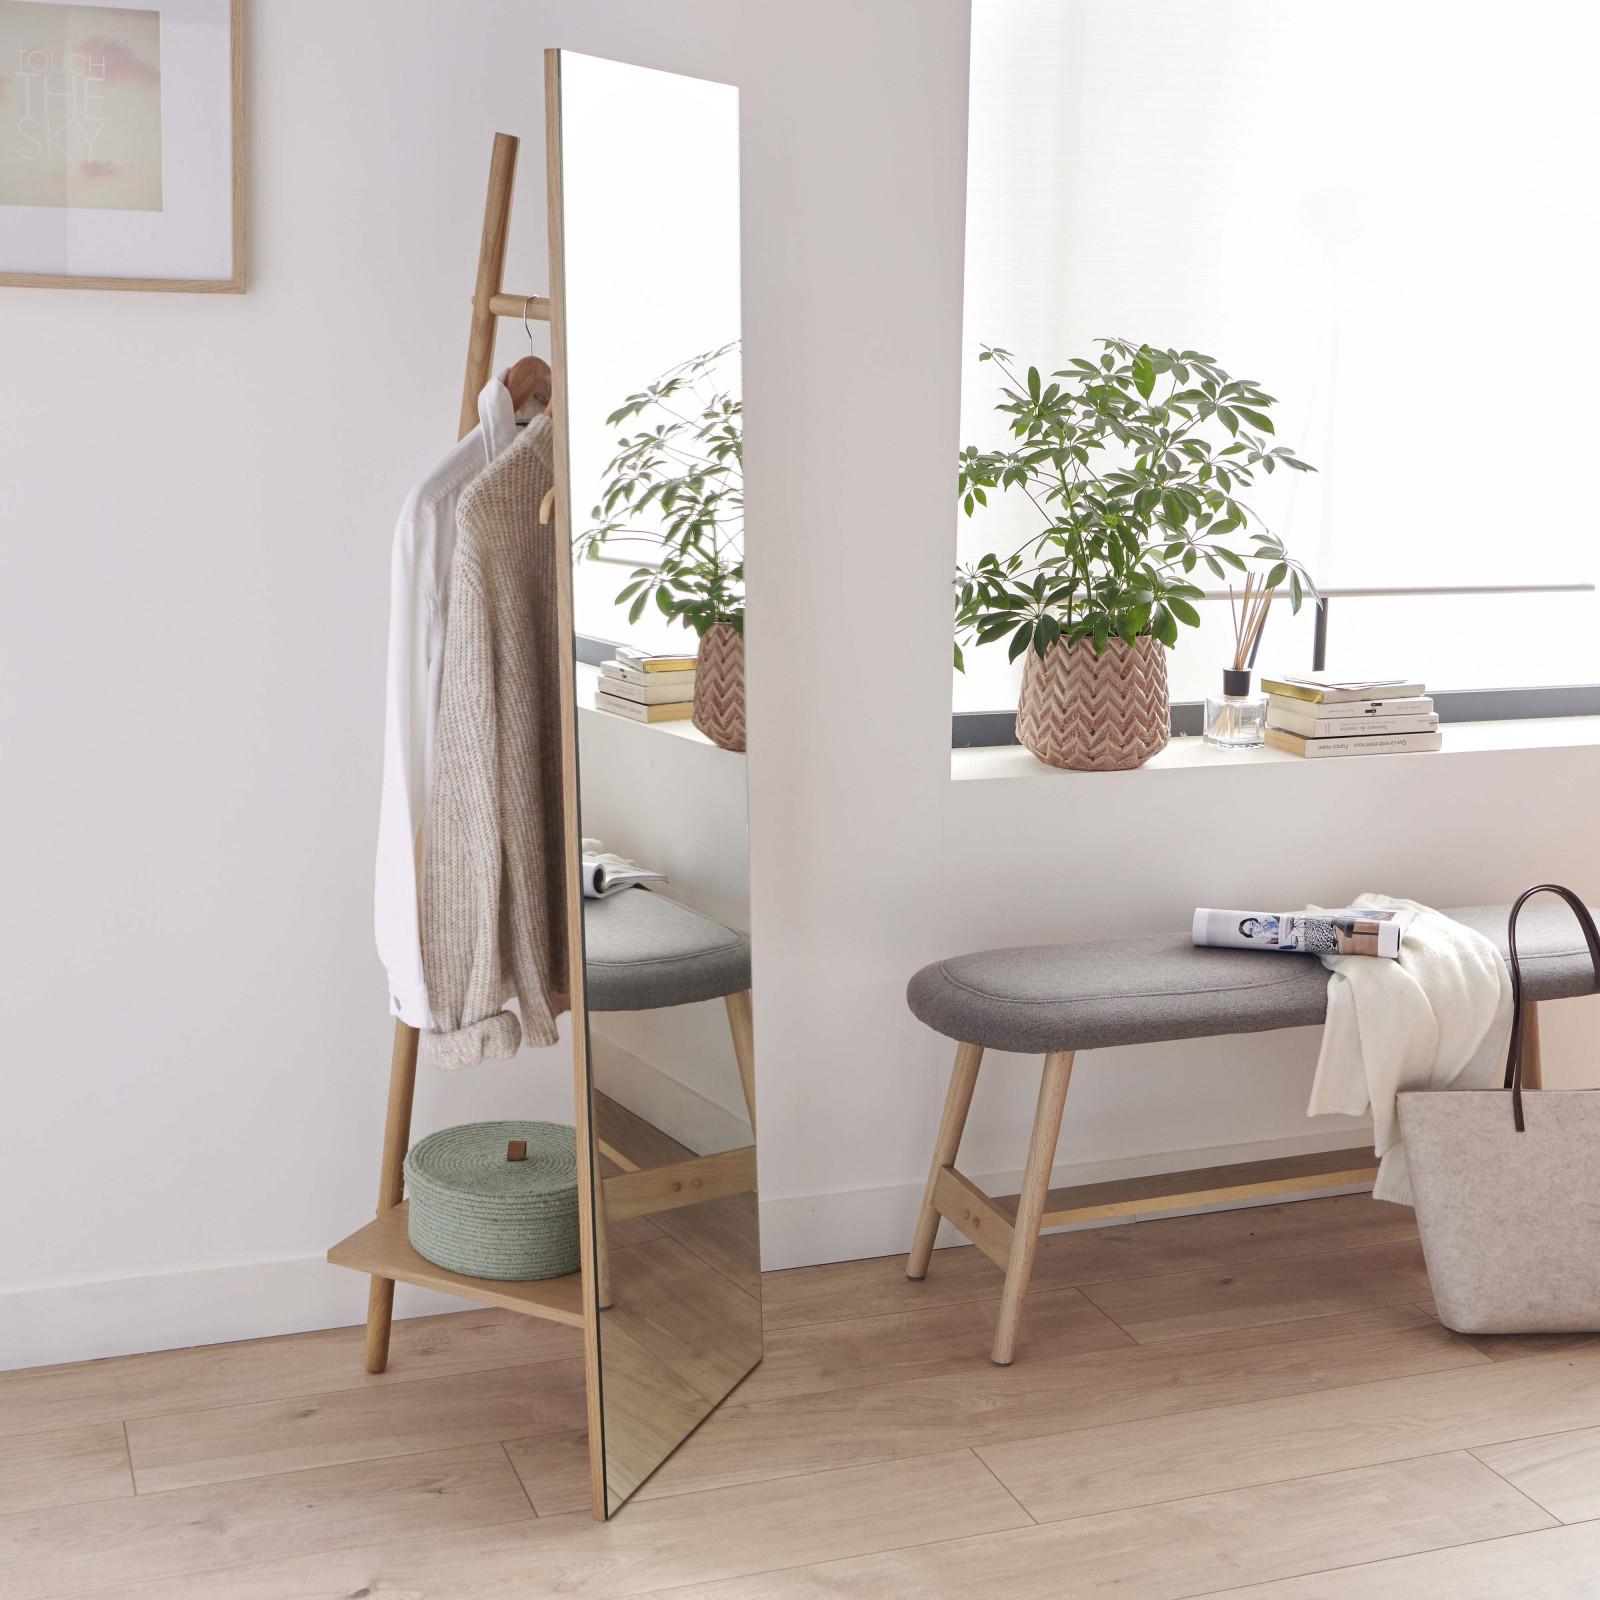 Miroir portant en bois